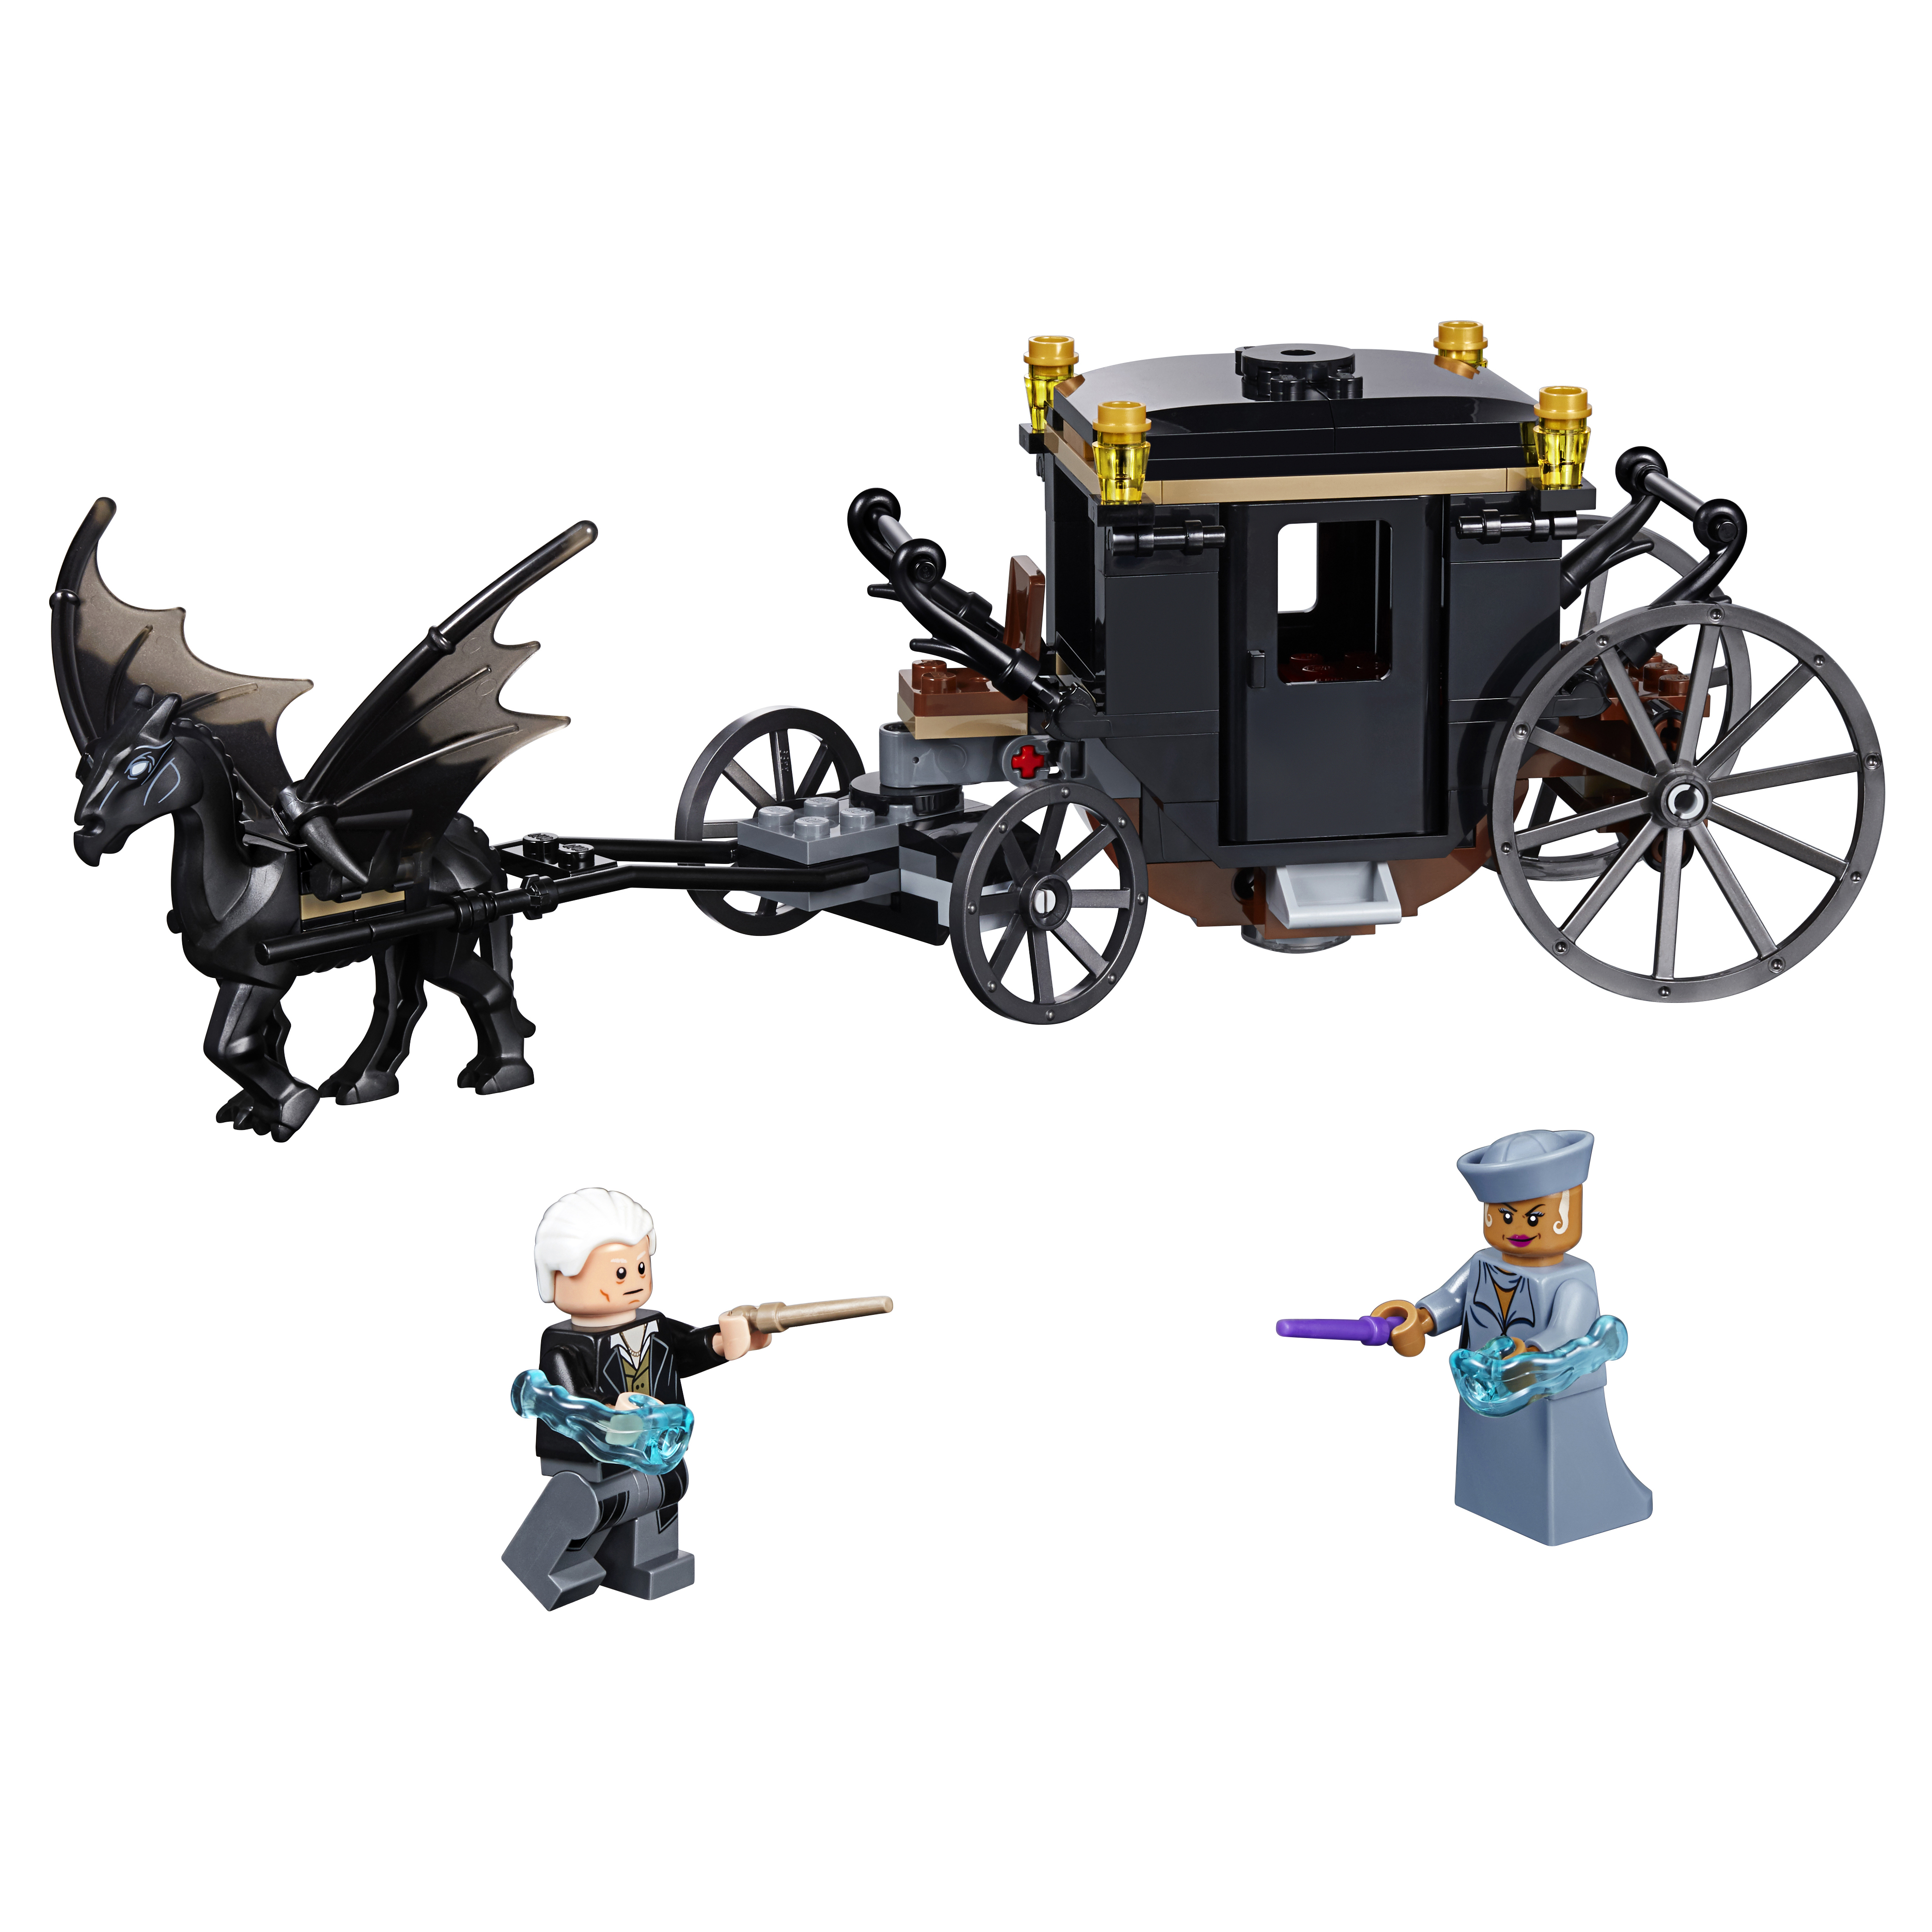 Конструктор LEGO Harry Potter Побег Грин-де-Вальда 75951 фото